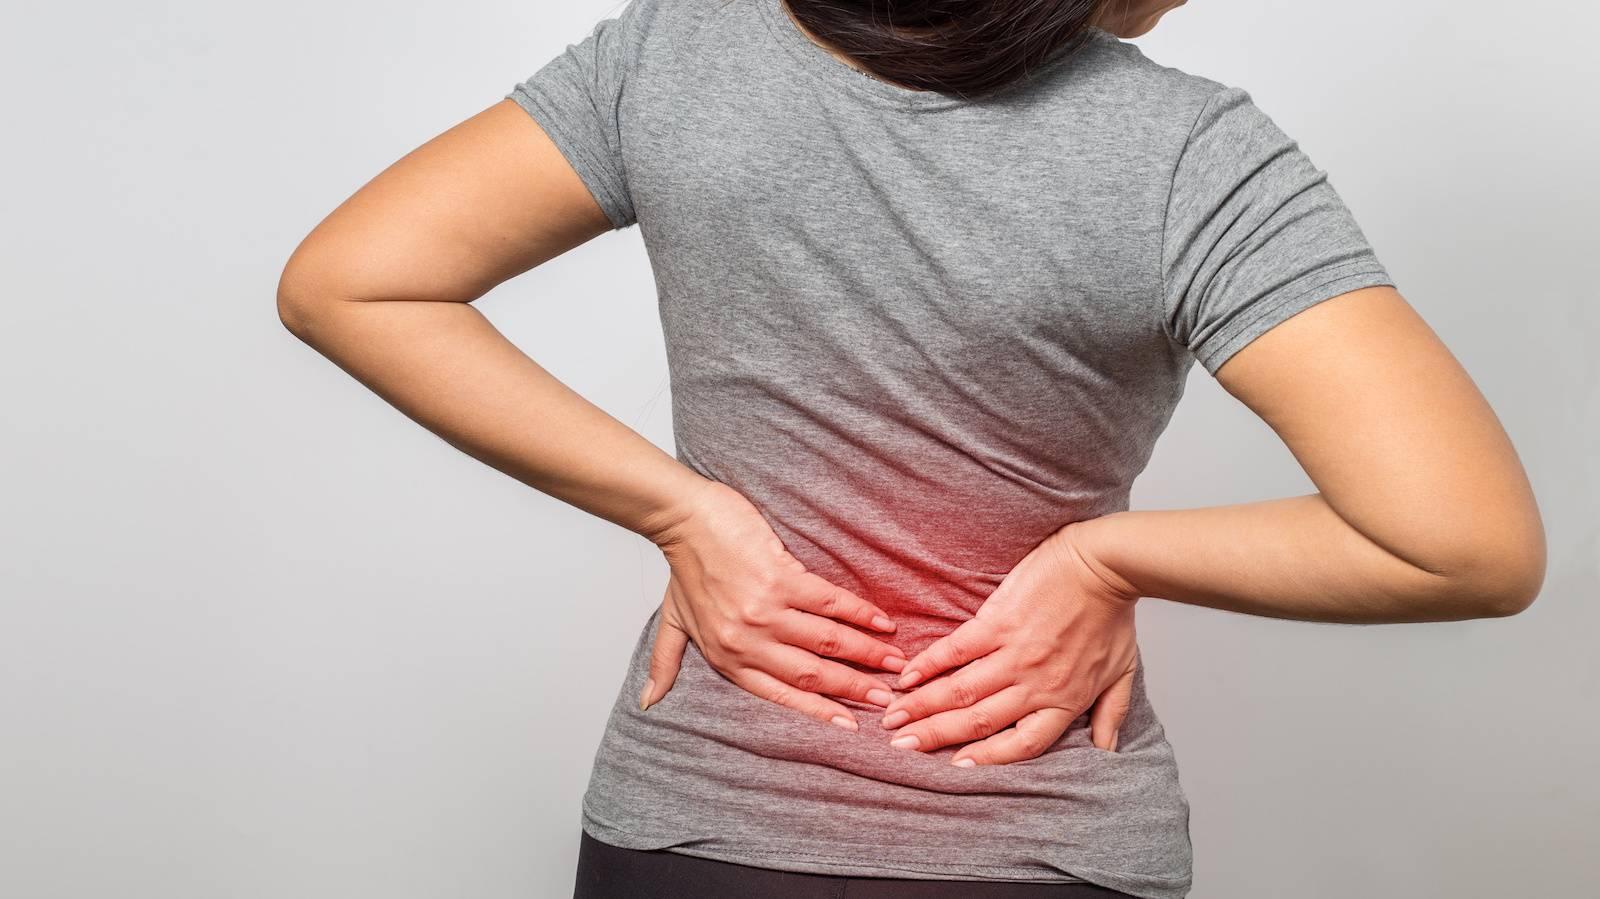 【10カウントで腰痛を和らげる】硬いお尻と股関節が原因?ほぐして伸ばす寝たままストレッチ